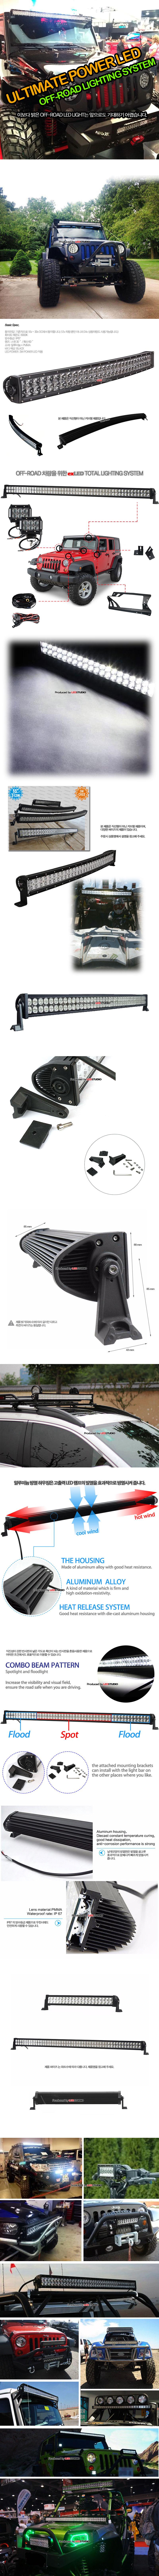 [재고한정특가] 울티메이트 CREE 파워 LED 오프로드(OFF-ROAD) 써치 라이트닝 시스템 : 커브형 180W (34인치/86cm/60LED)